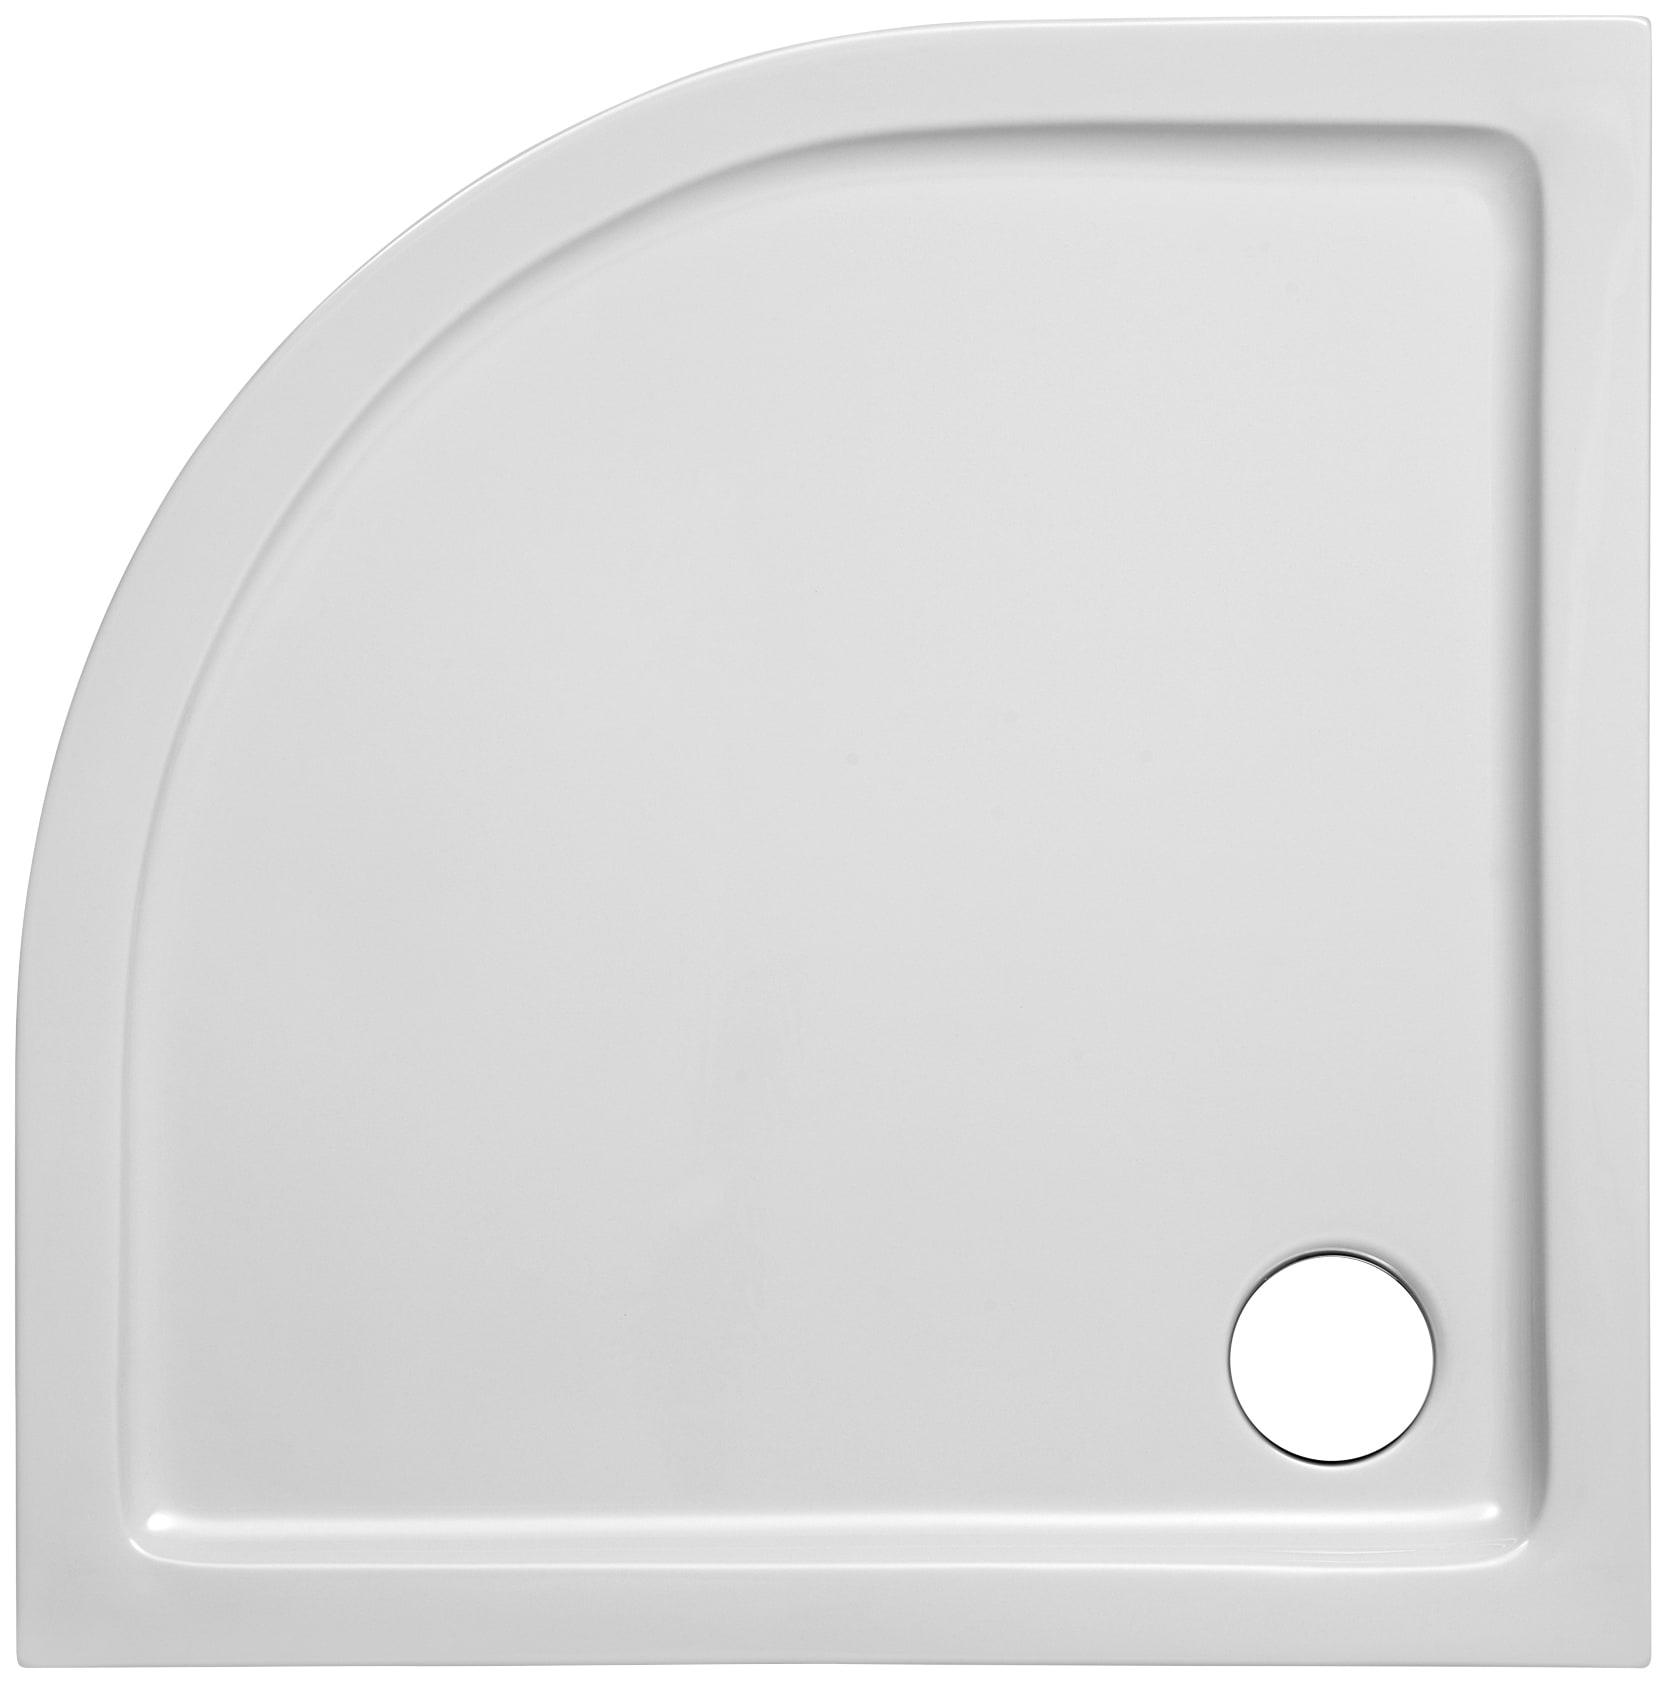 OTTOFOND Duschwanne Set Viertelkreis Duschwanne, 900x900/30 mm weiß Duschwannen Duschen Bad Sanitär